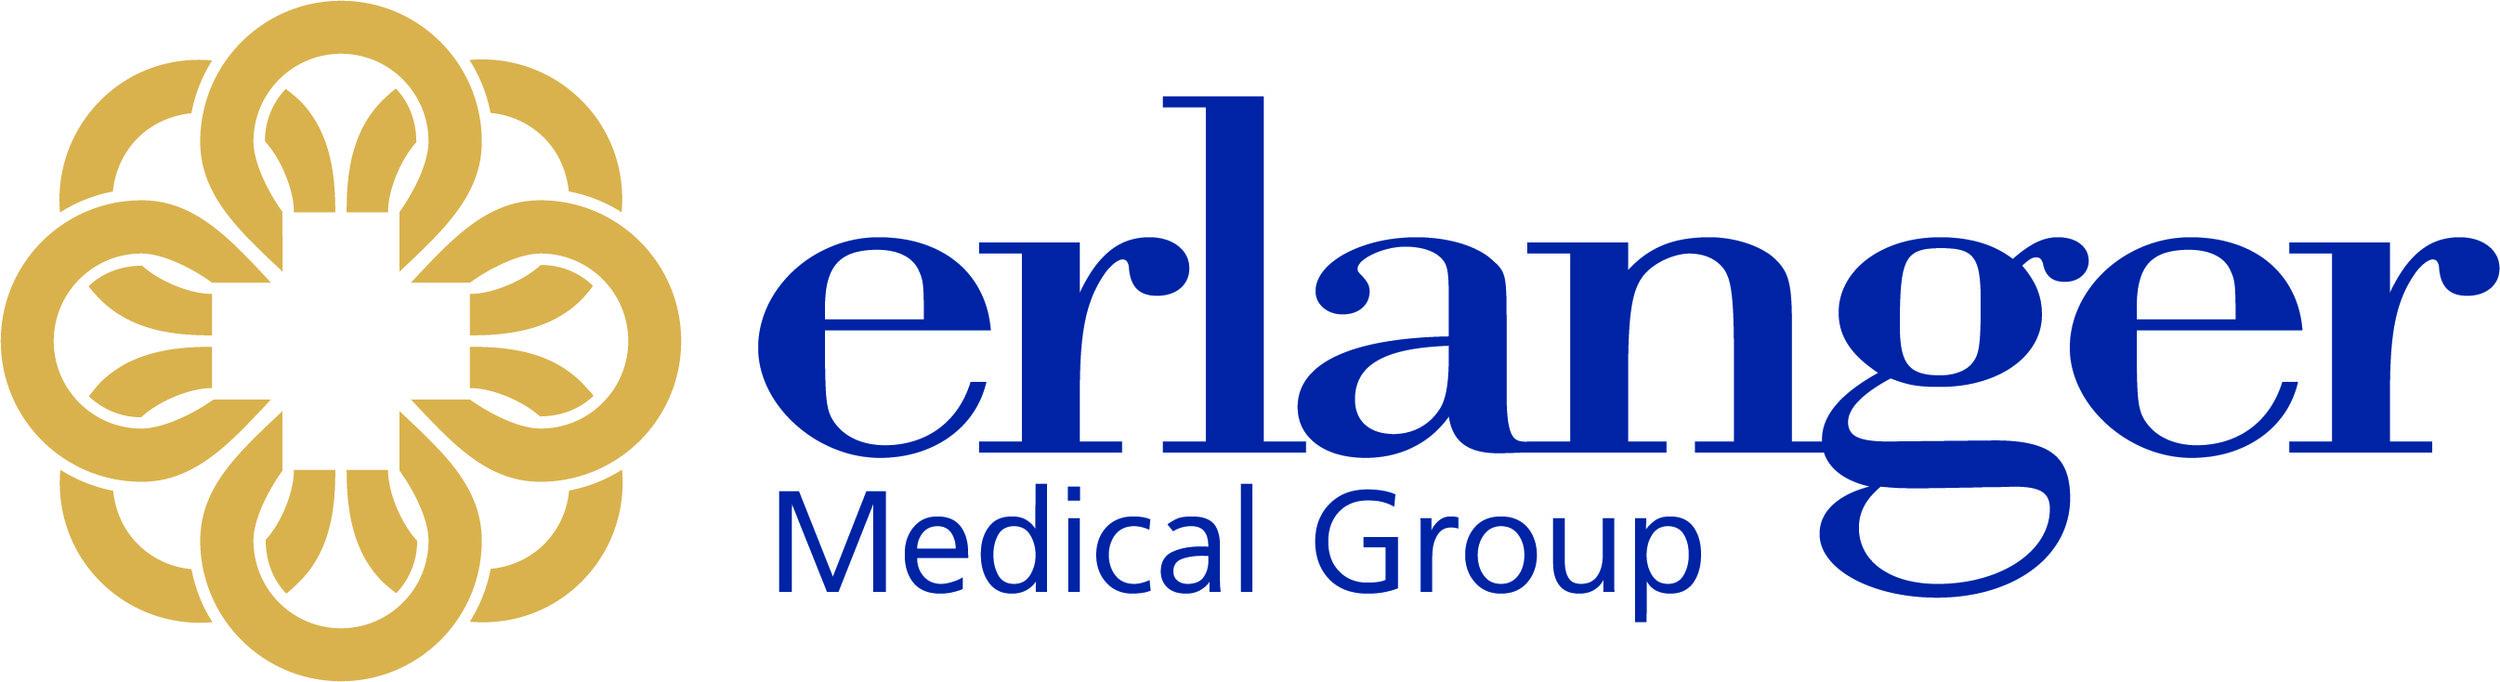 ERLA_MedicalGroup_LOGO_color.jpg